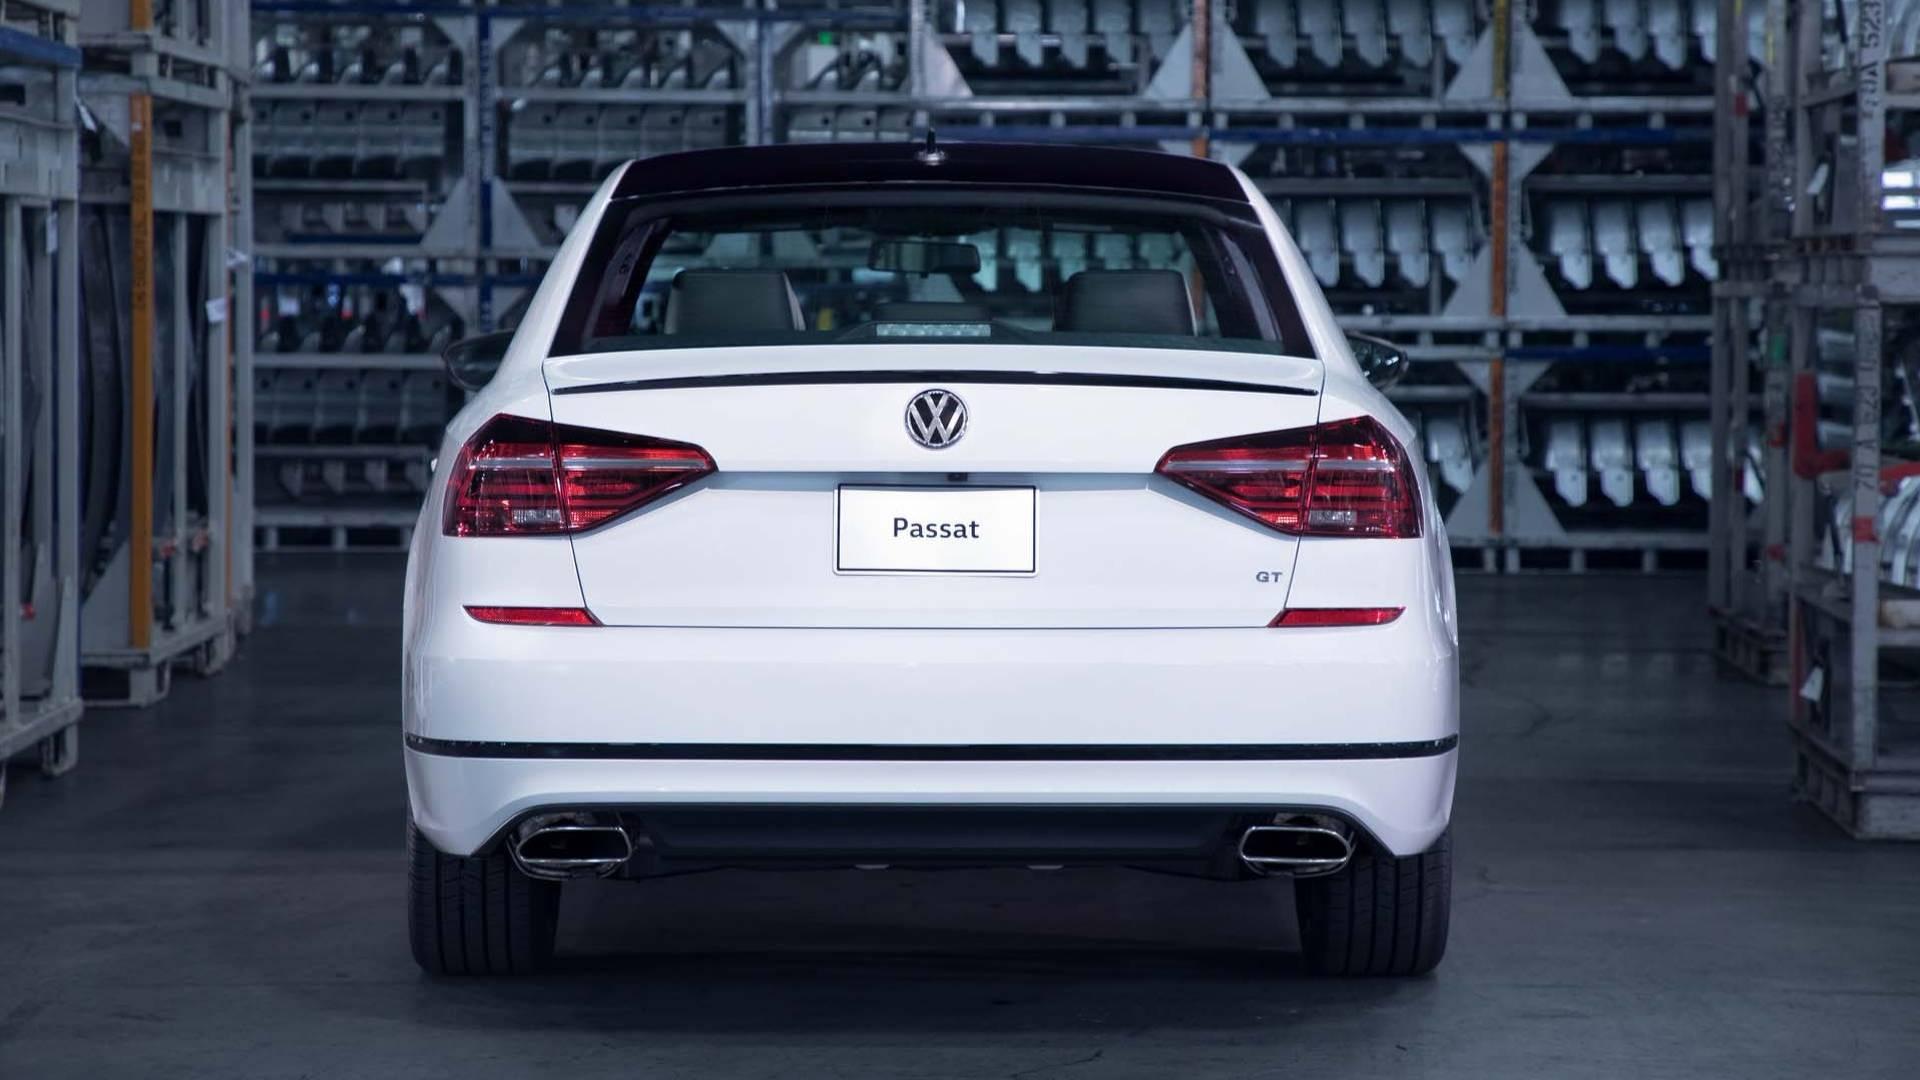 2018_Volkswagen_Passat_GT_0002